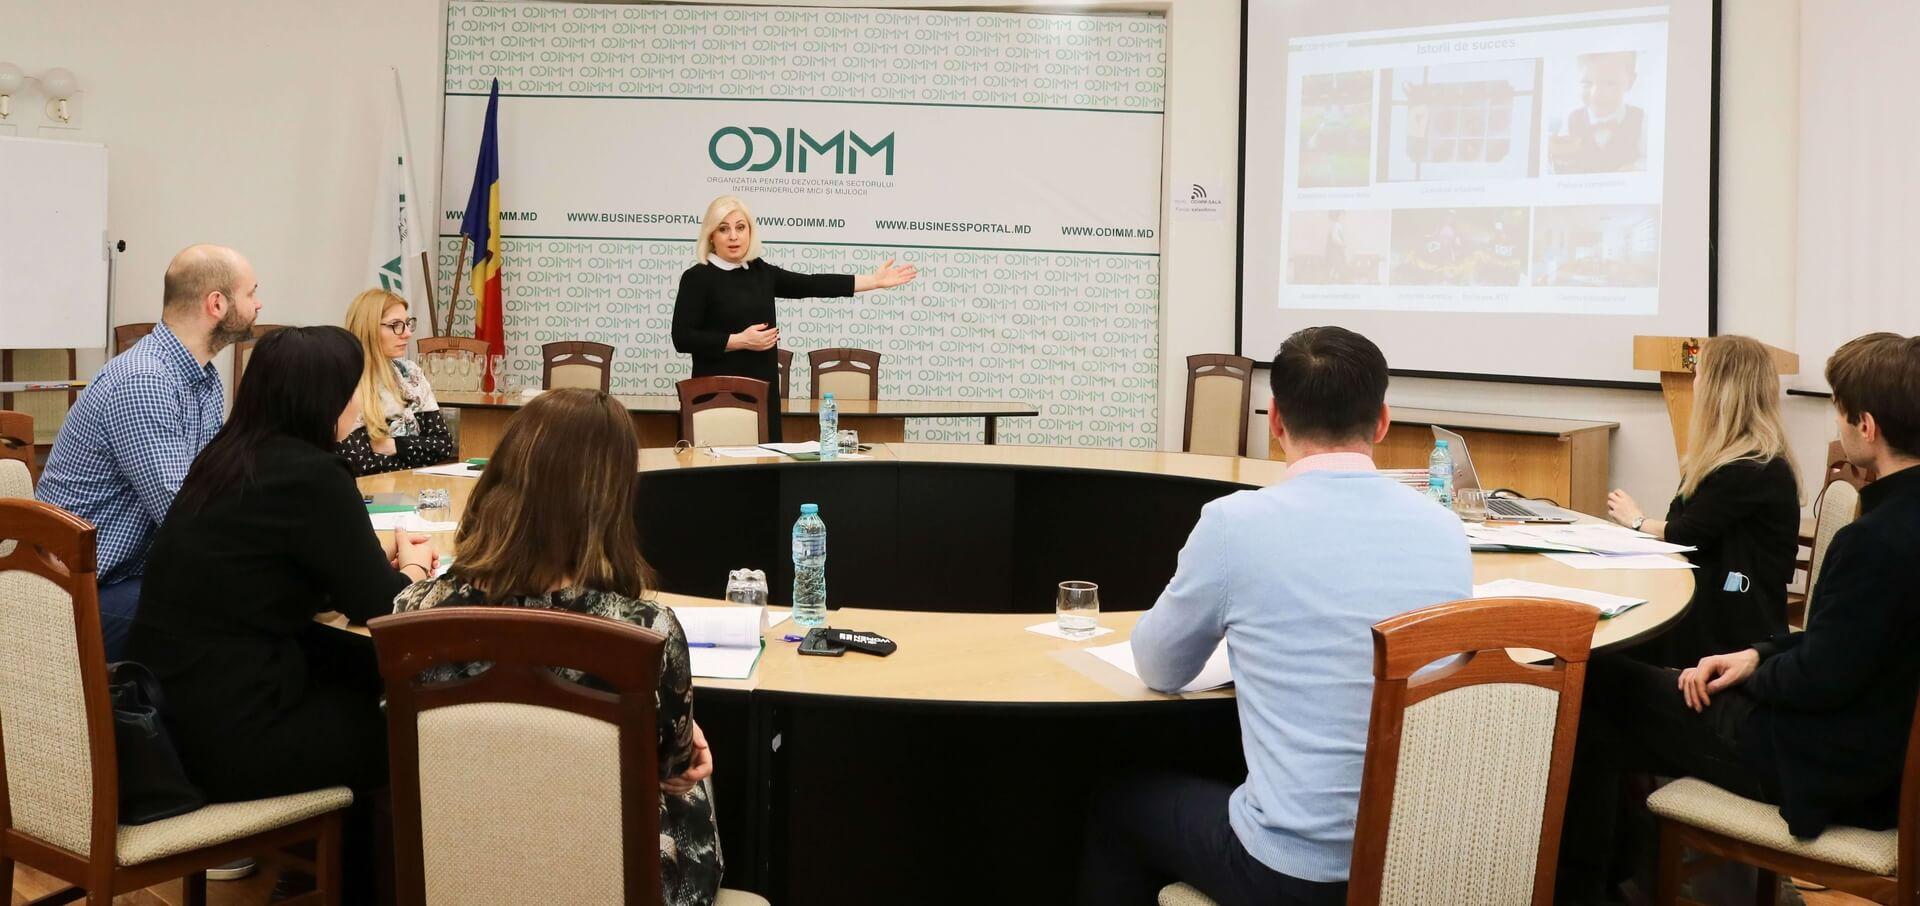 ODIMM susține tinerii să dezvolte întreprinderi sustenabile în Republica Moldova